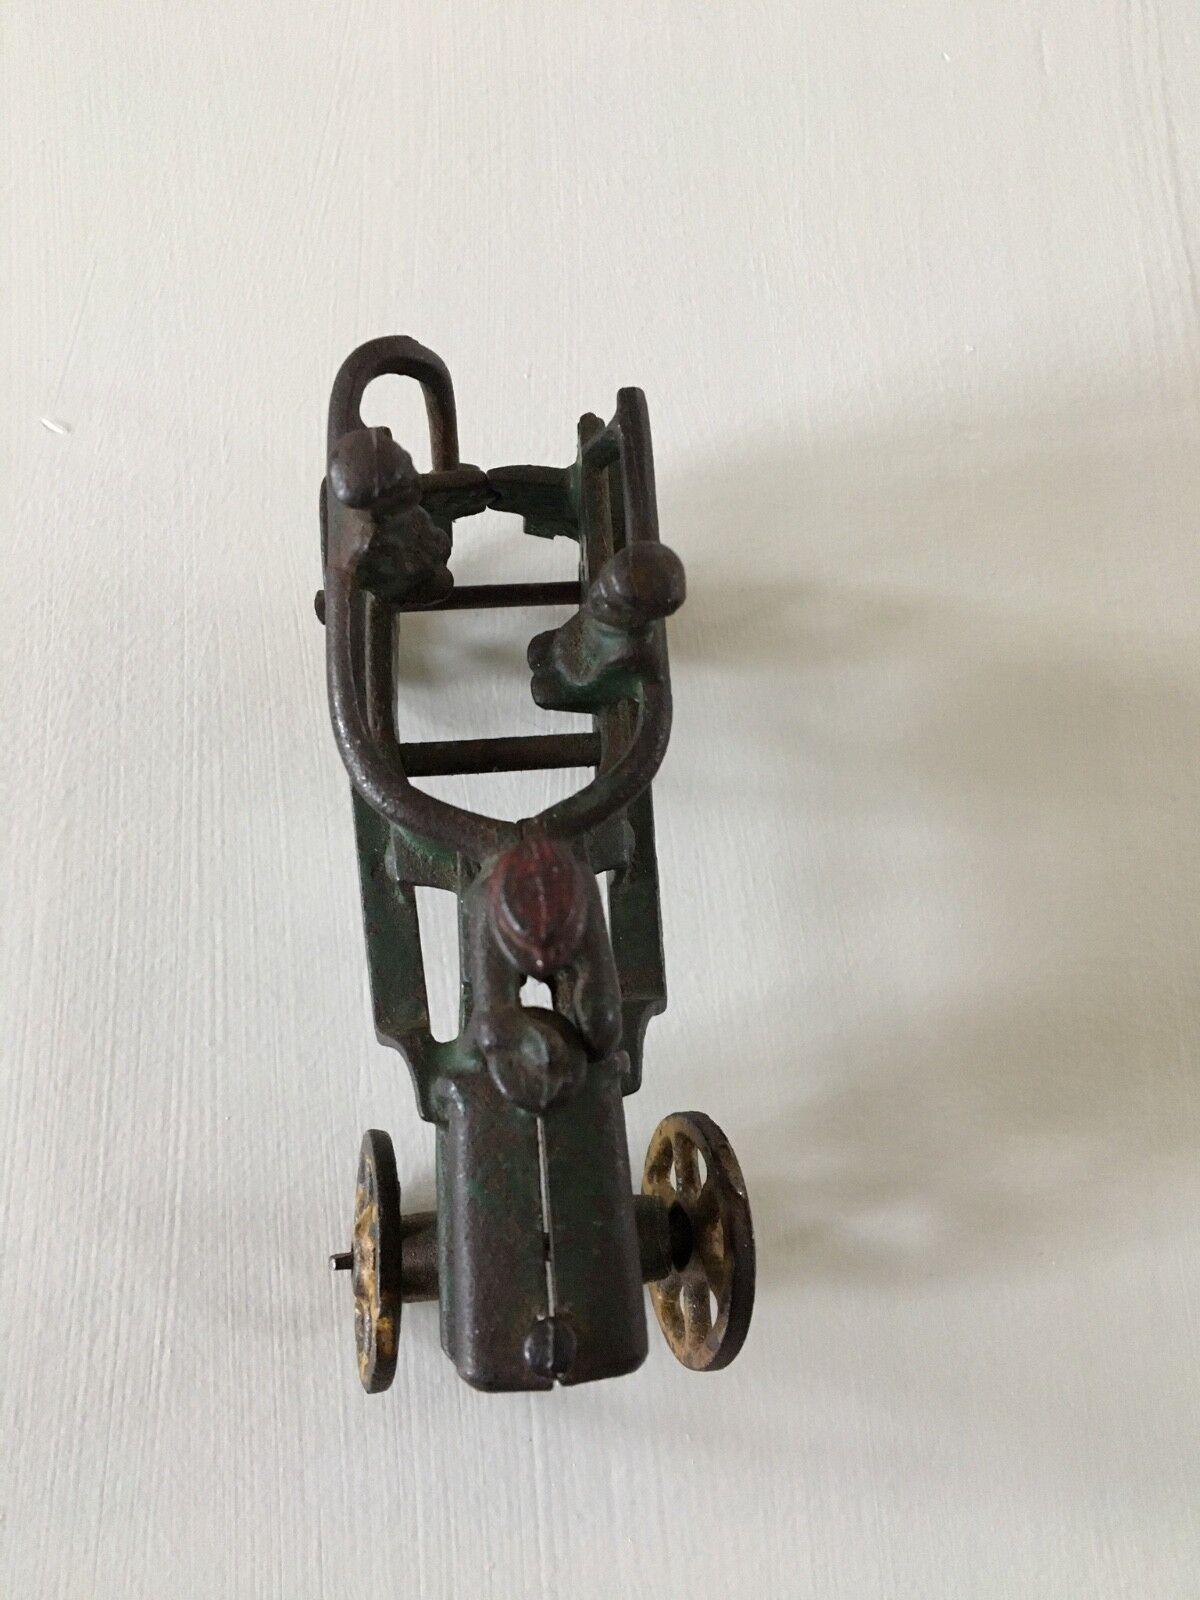 moda clasica Juguete Juguete Juguete Vintage Acero Tractor. verde con ruedas amarillas.  almacén al por mayor